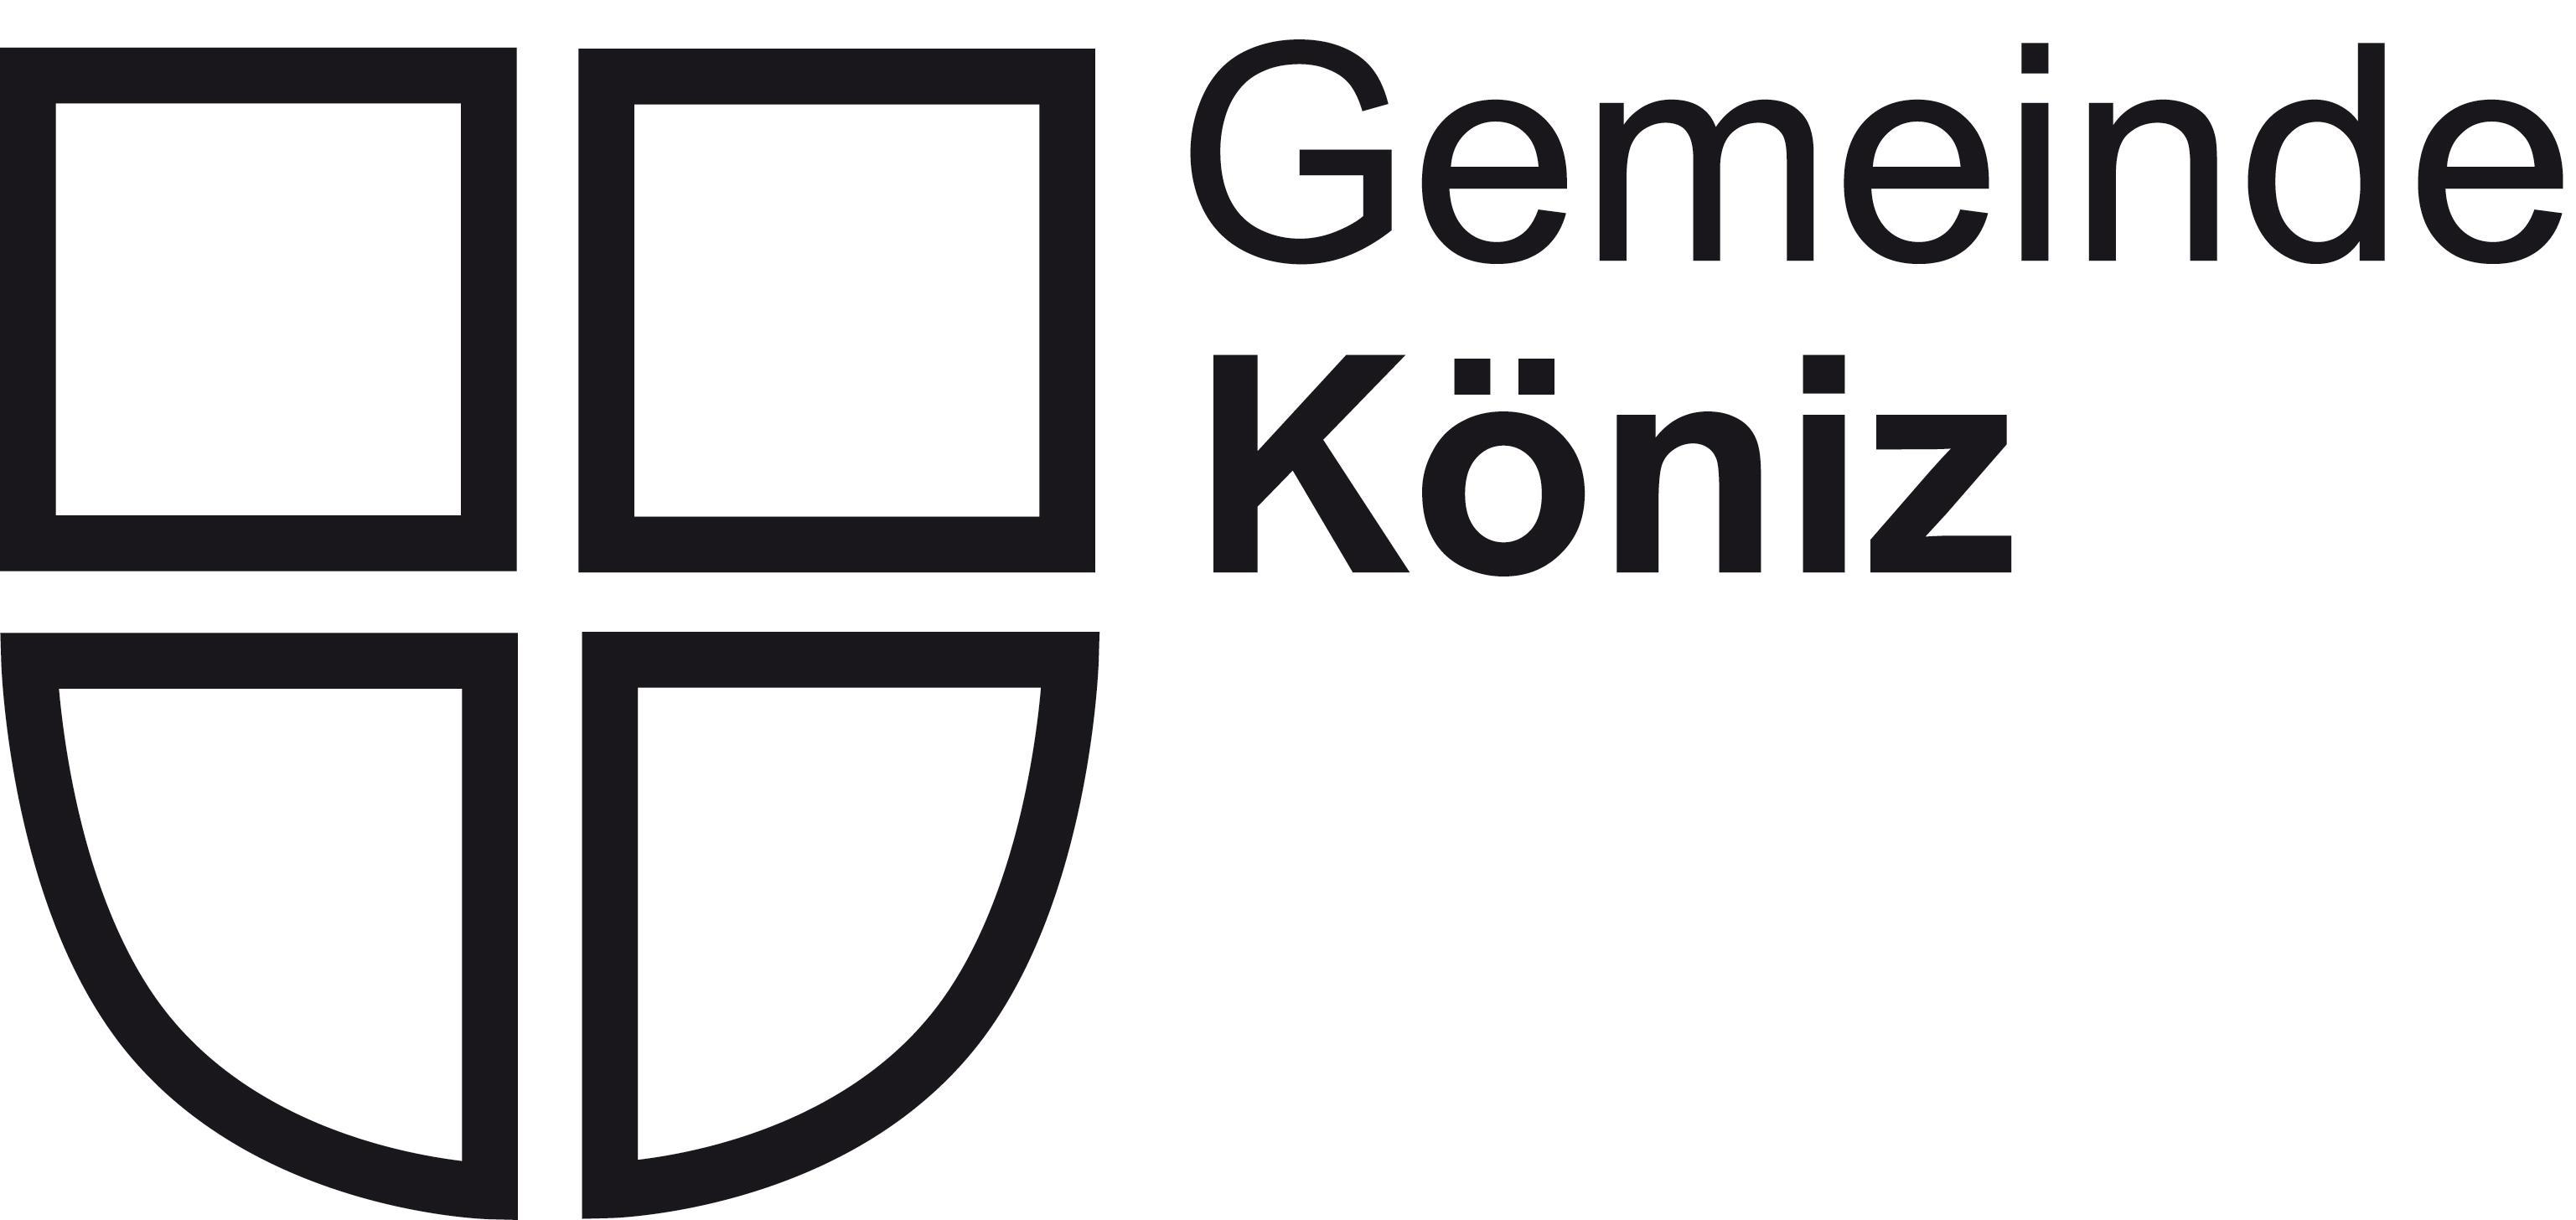 https://www.koeniz.ch/public/upload/assets/11971/160526_logo.jpg